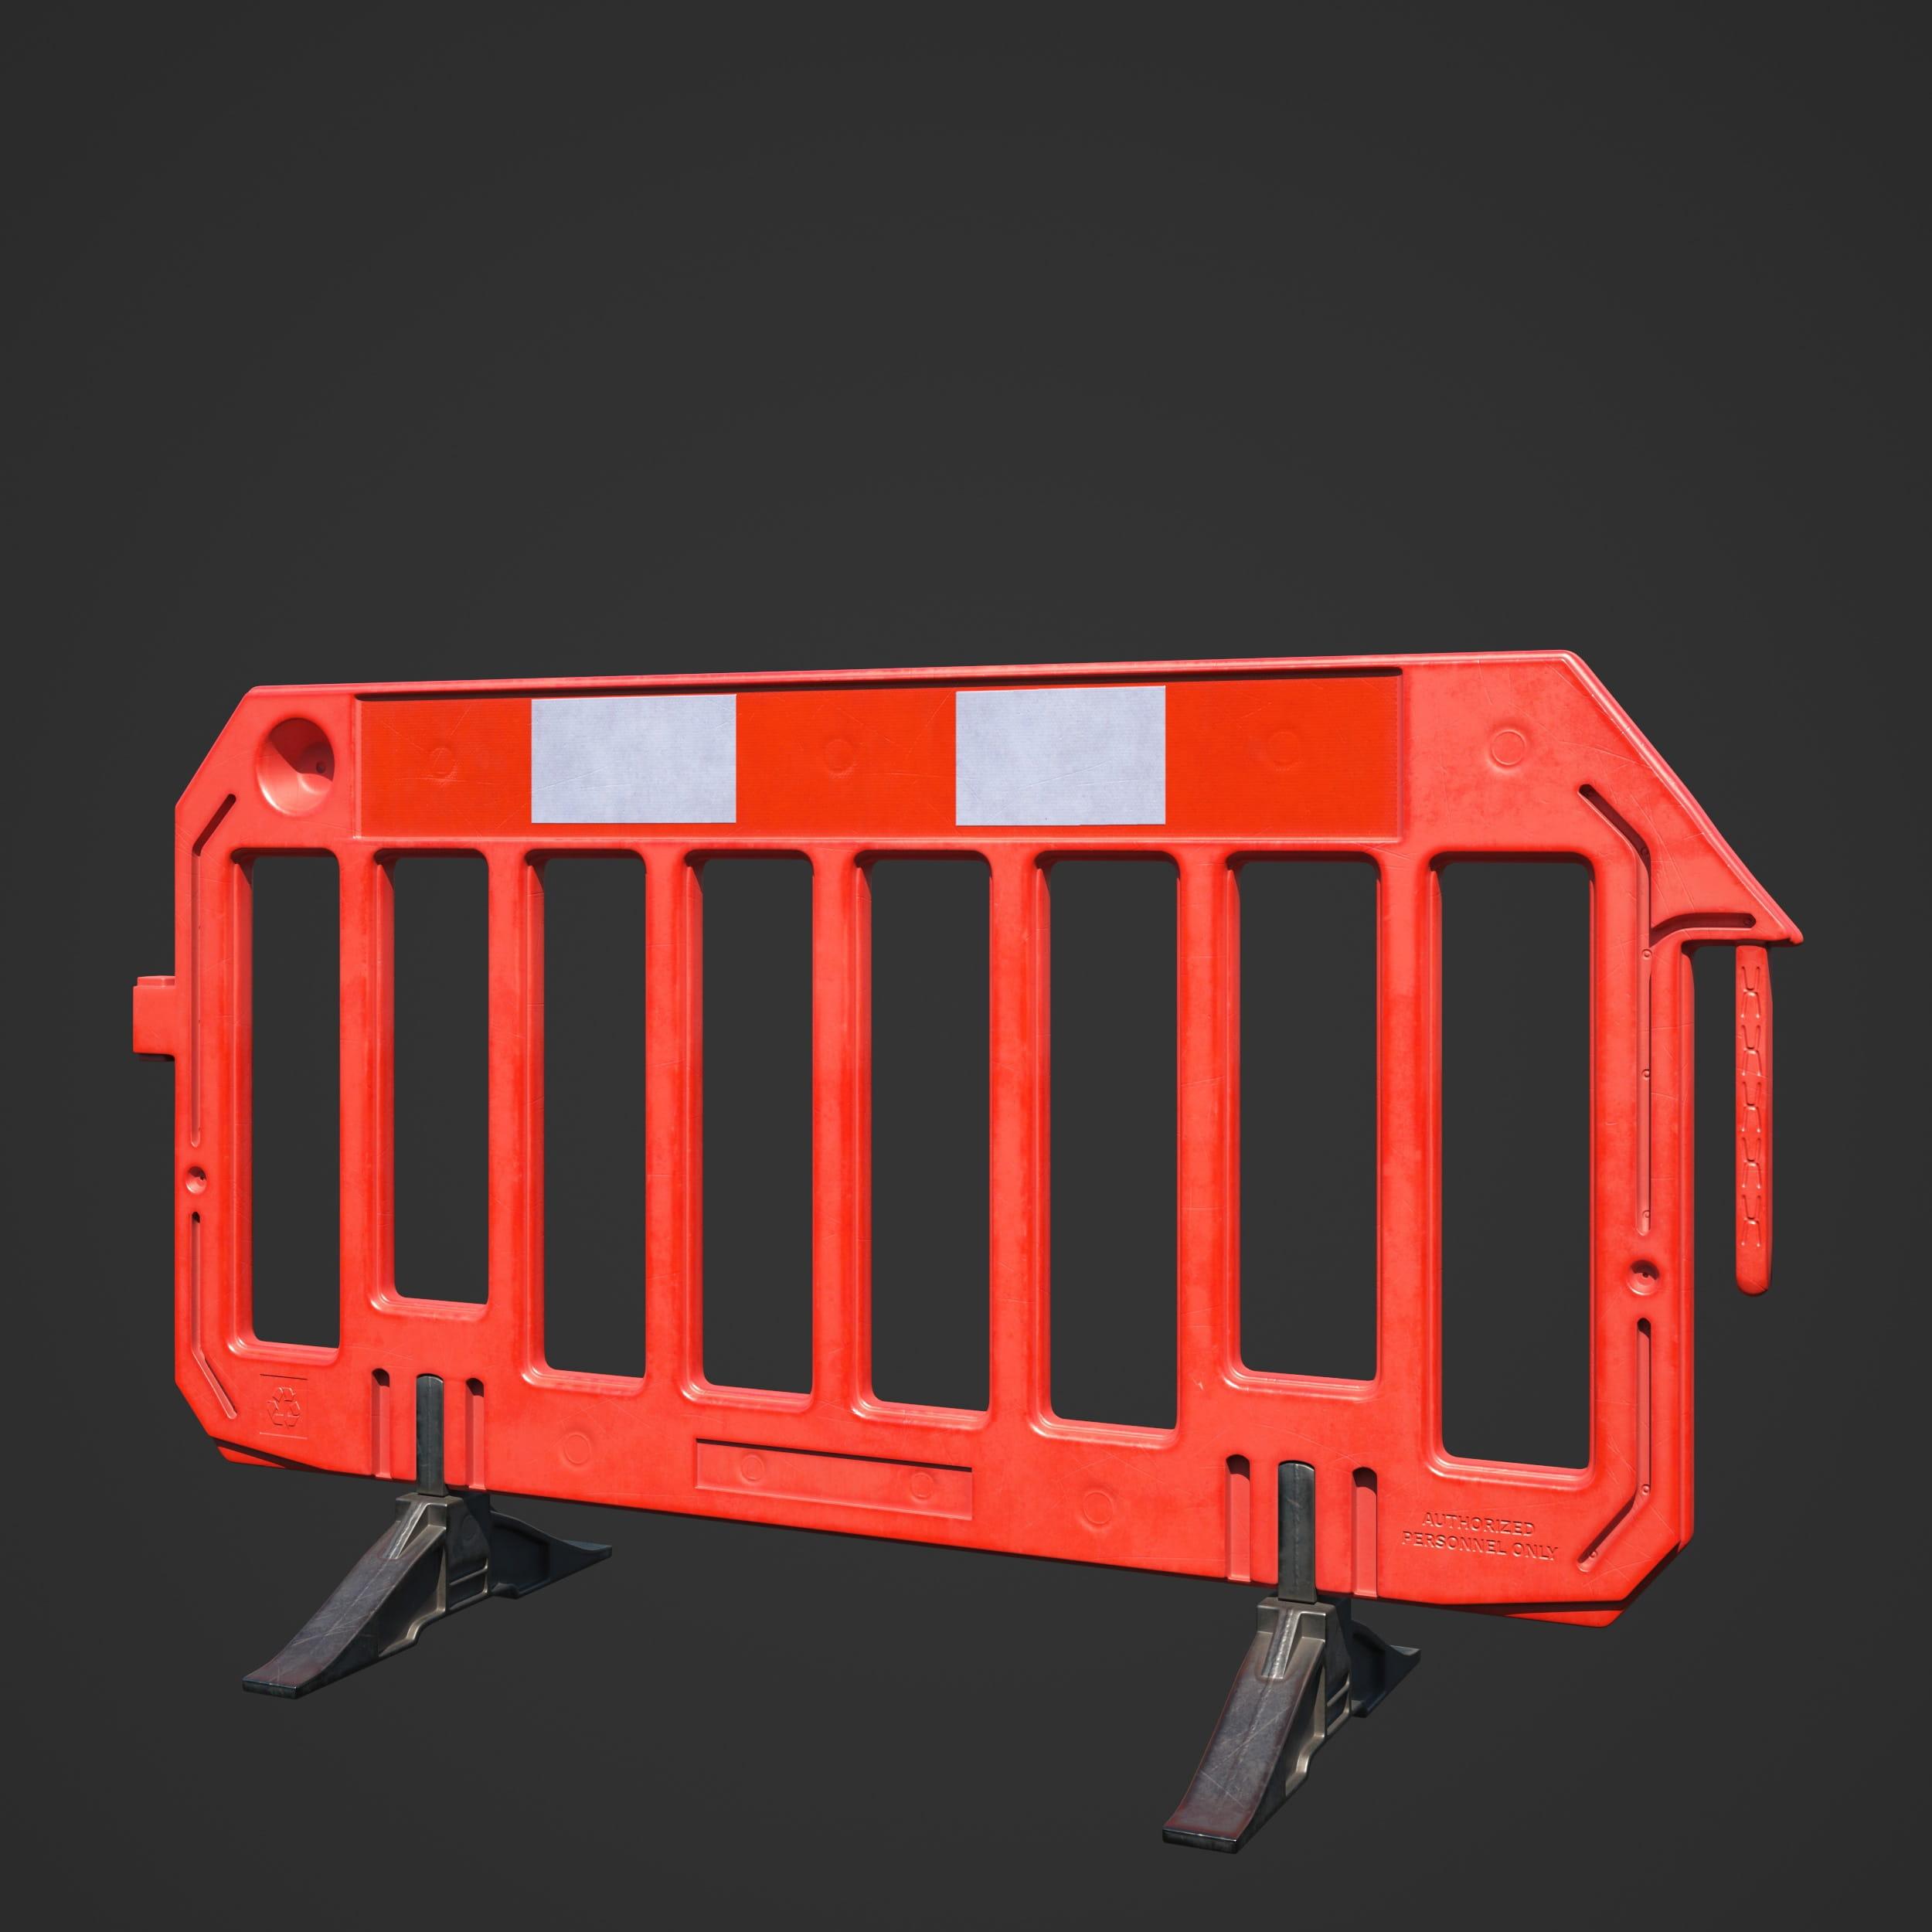 construction barrier 65 AM246